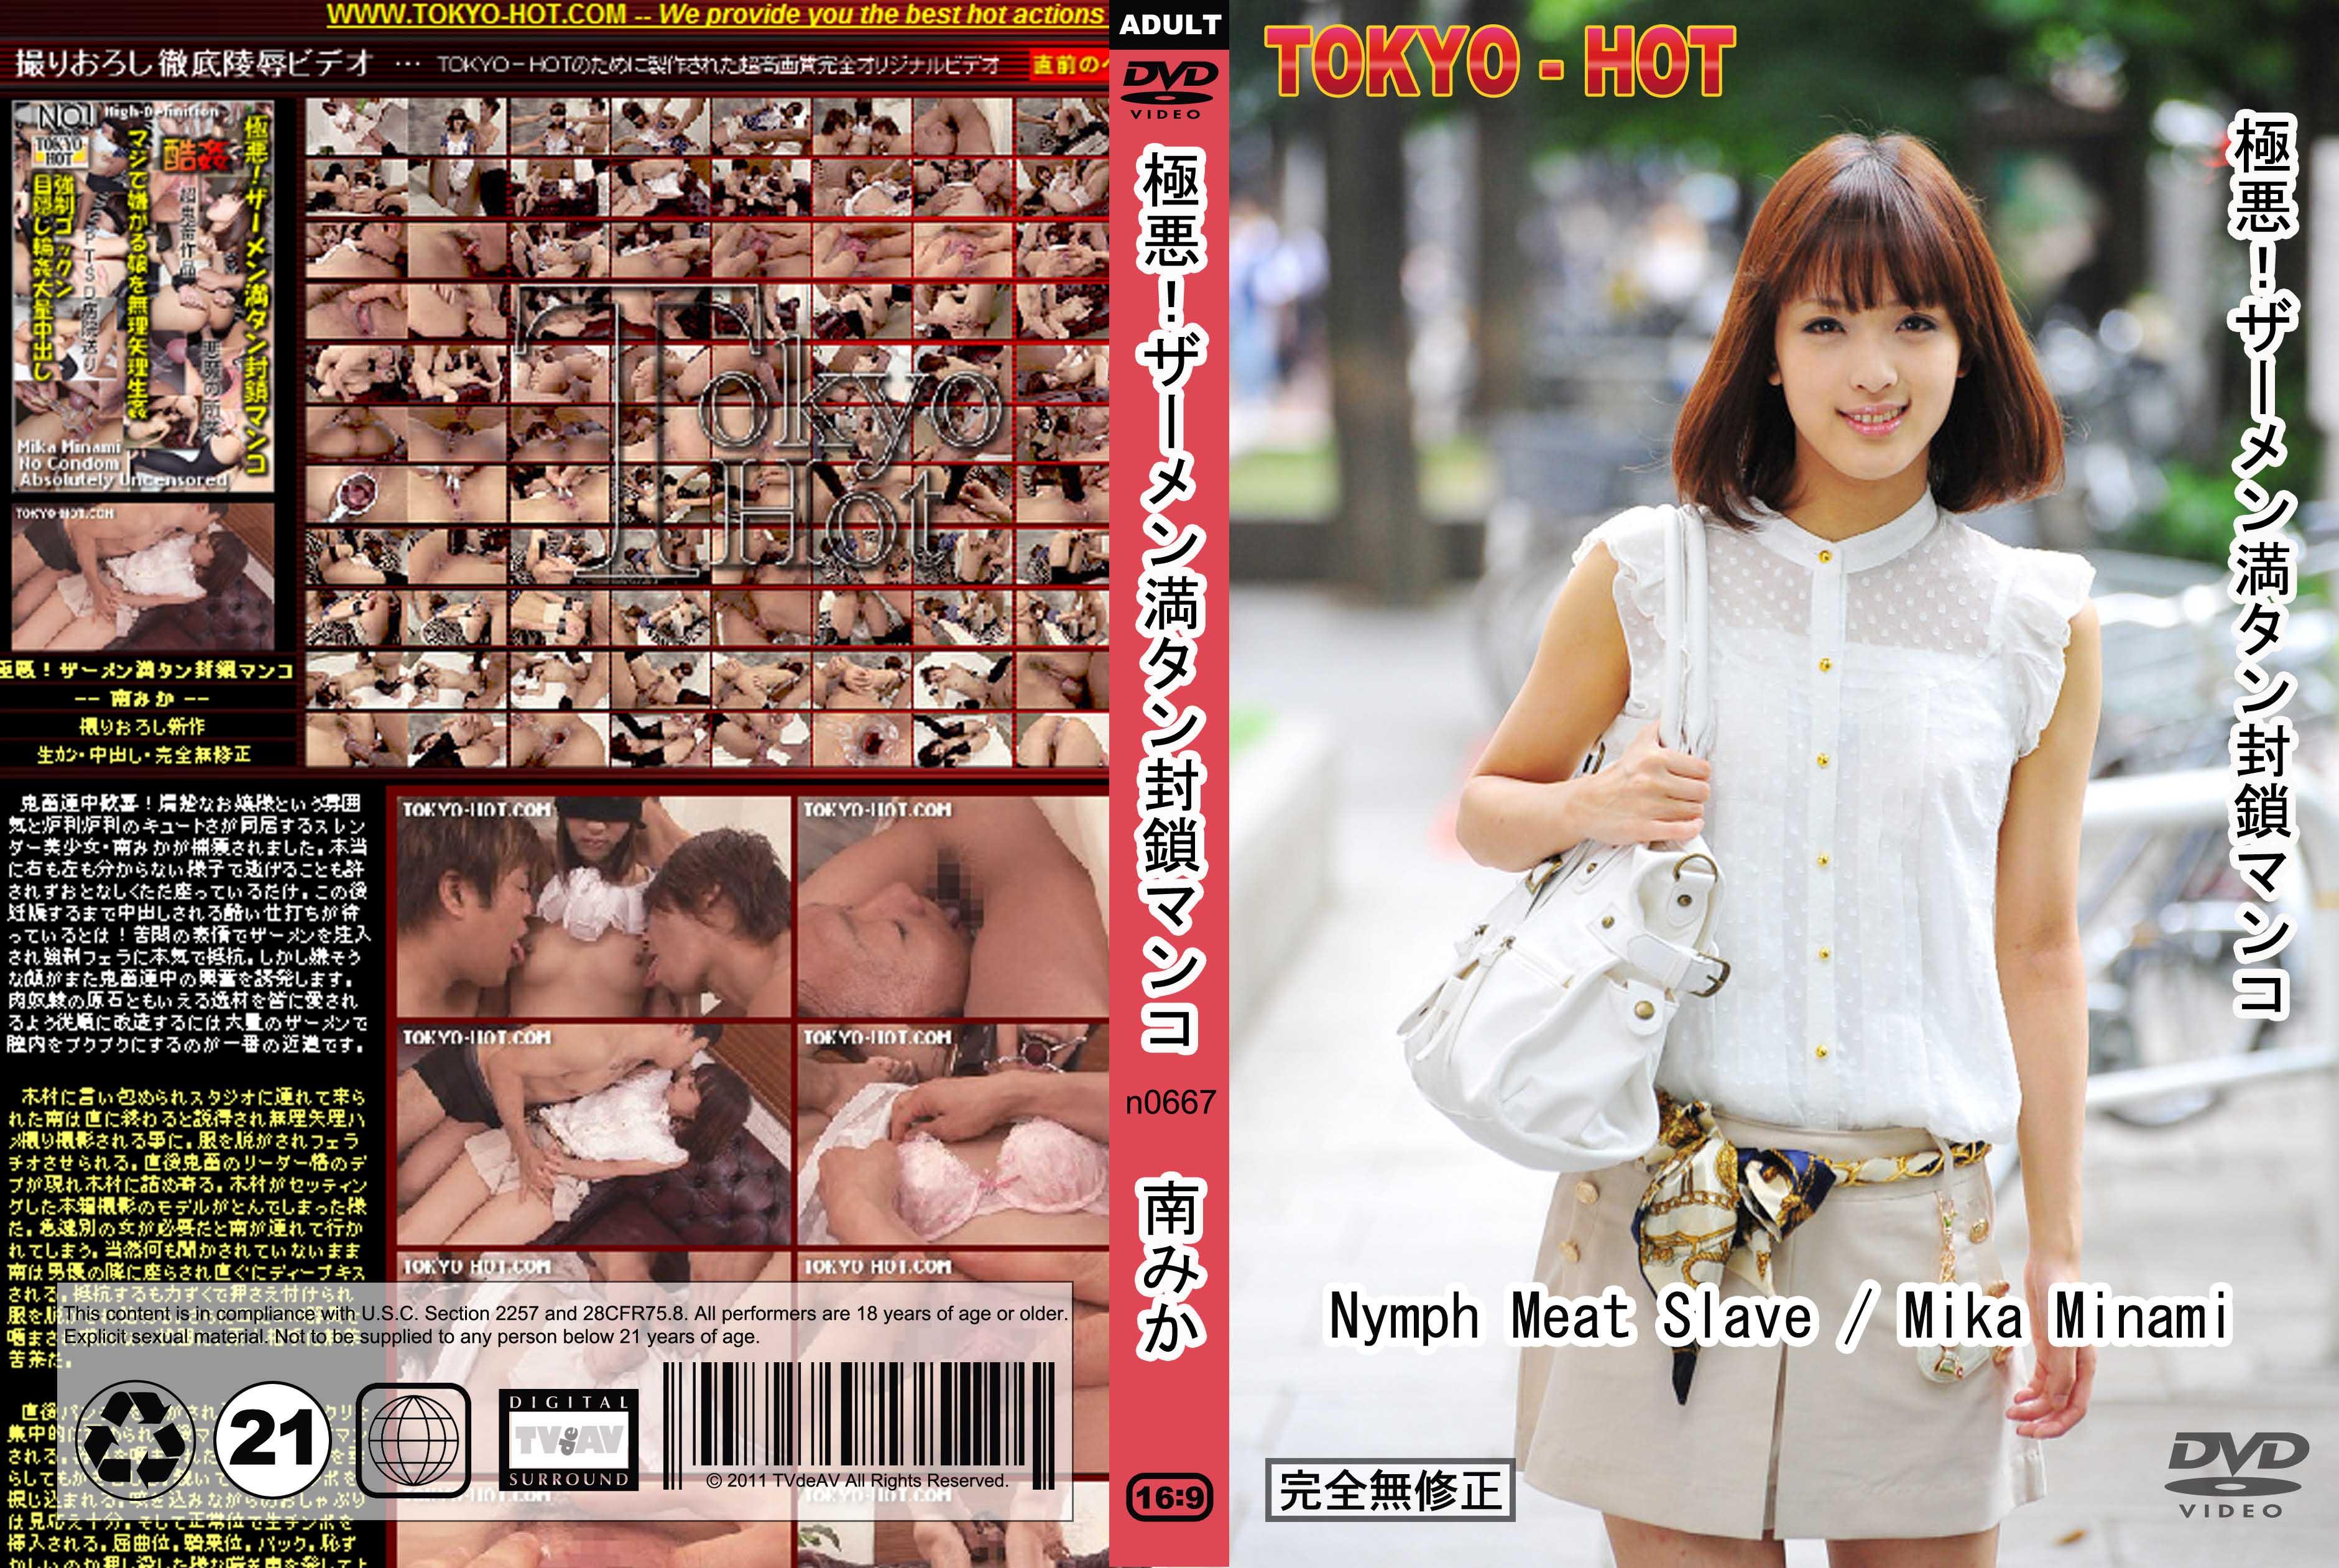 tokyo-hot-n0667-cd1-極悪!ザーメン満タン封鎖マンコ